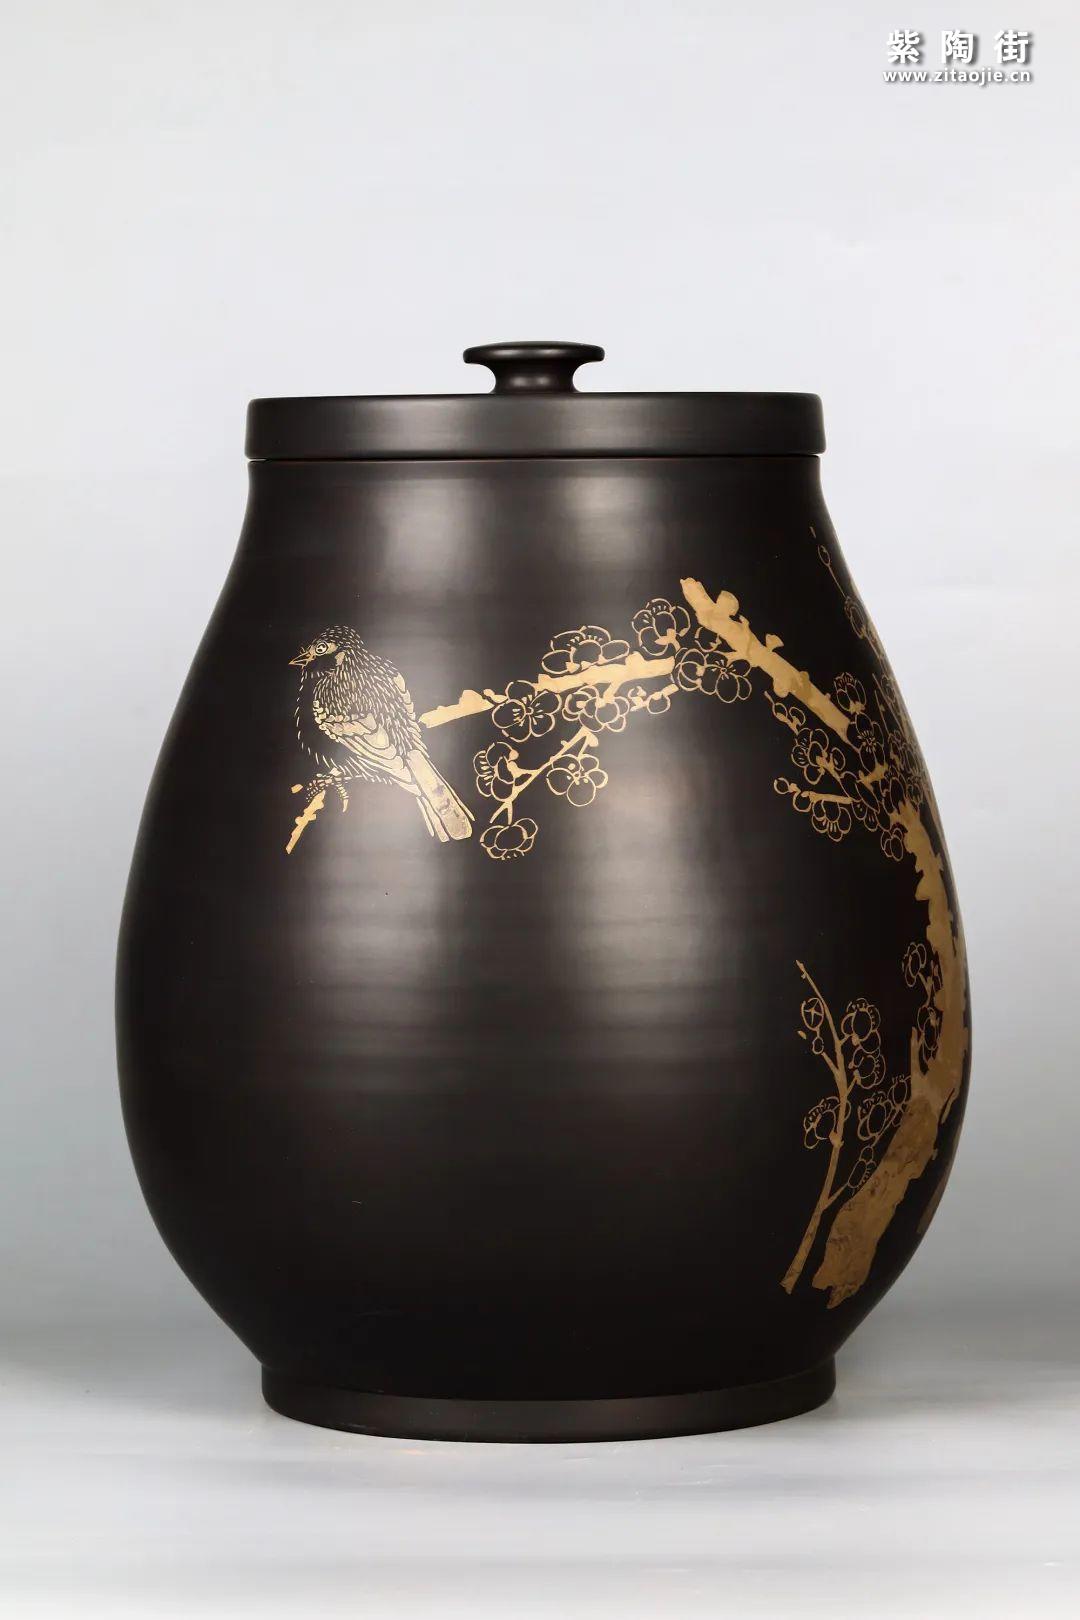 花鸟装饰的建水紫陶茶缸插图22